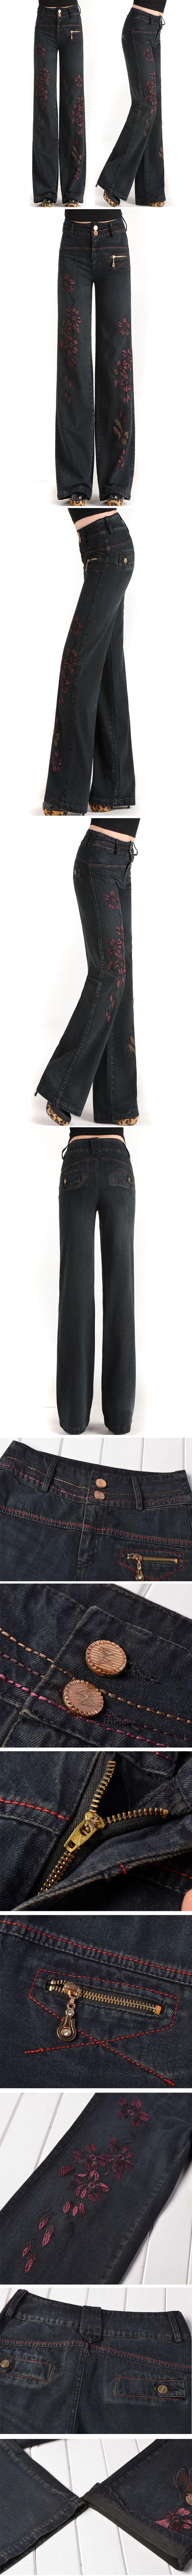 Aliexpress.com: Comprar Mujeres bordado jeans cintura alta denim vaqueros de pierna ancha pantalones femeninos vaqueros rectos flojos femeninos pantalones anchos pantalones vaqueros tamaño 27 33 de holgados pantalones vaqueros confiables proveedores de Diana Fang's store.